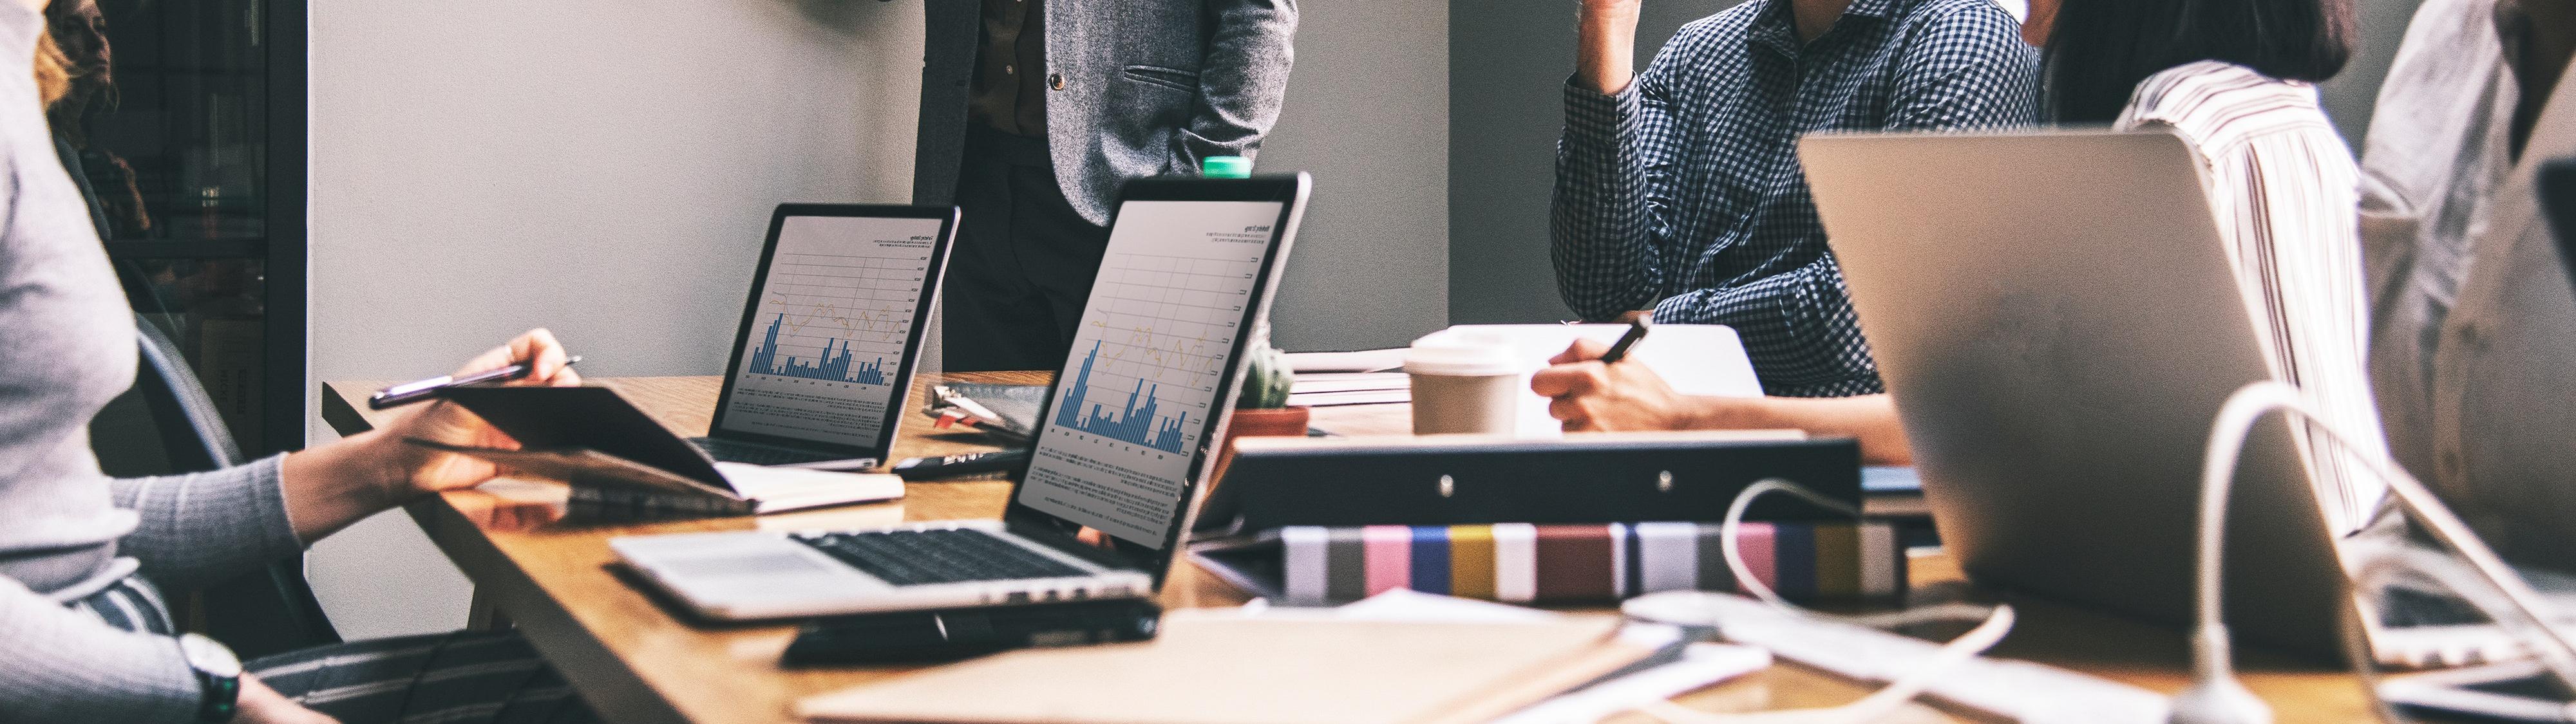 從組織架構看公司戰略,阿里、小米、京東、美團有何區別?